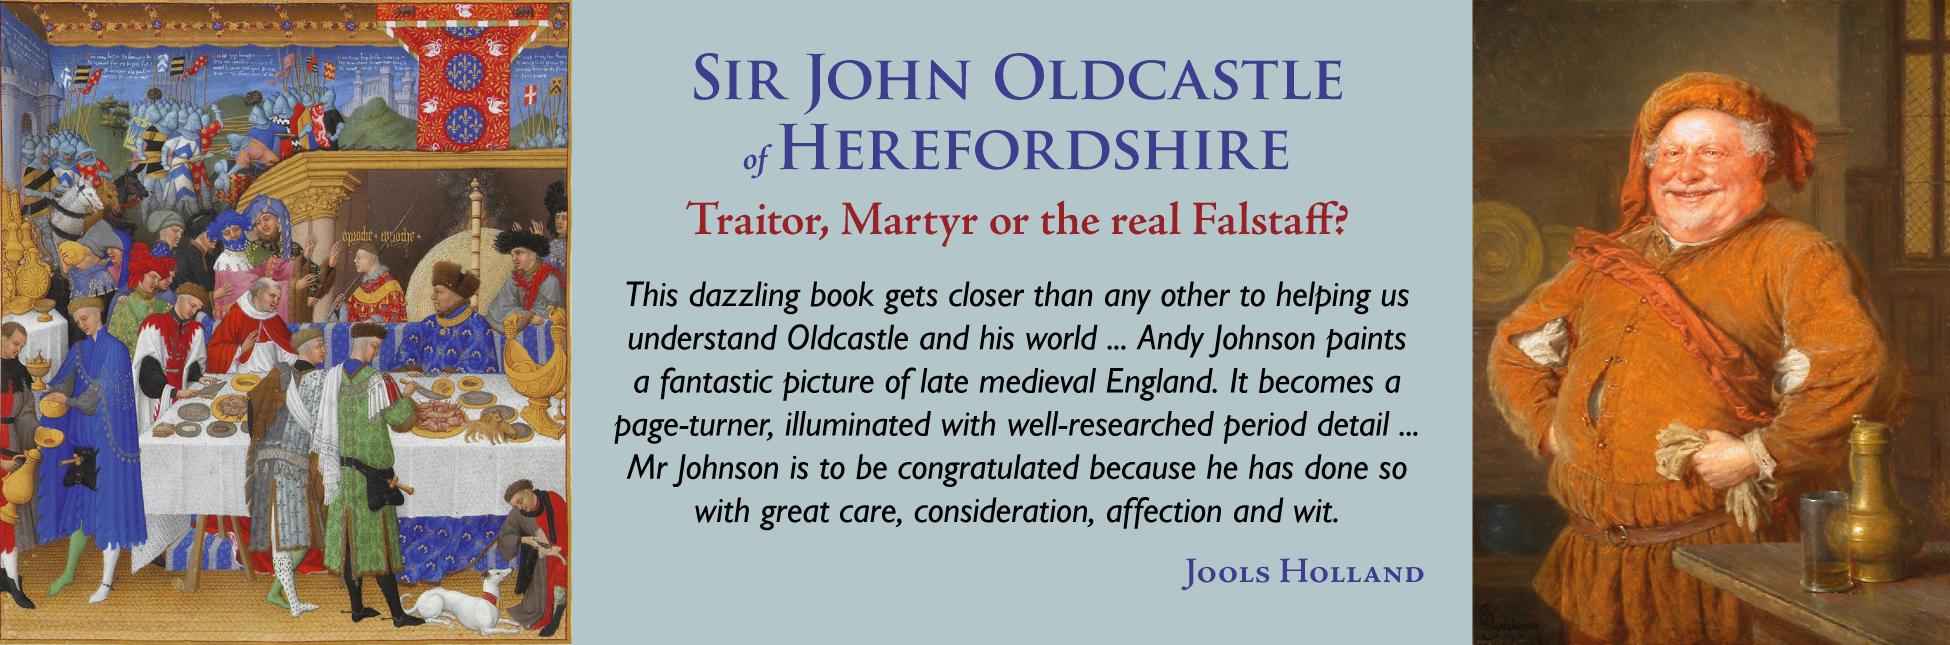 SIr John Oldcastle of Herefordshire banner